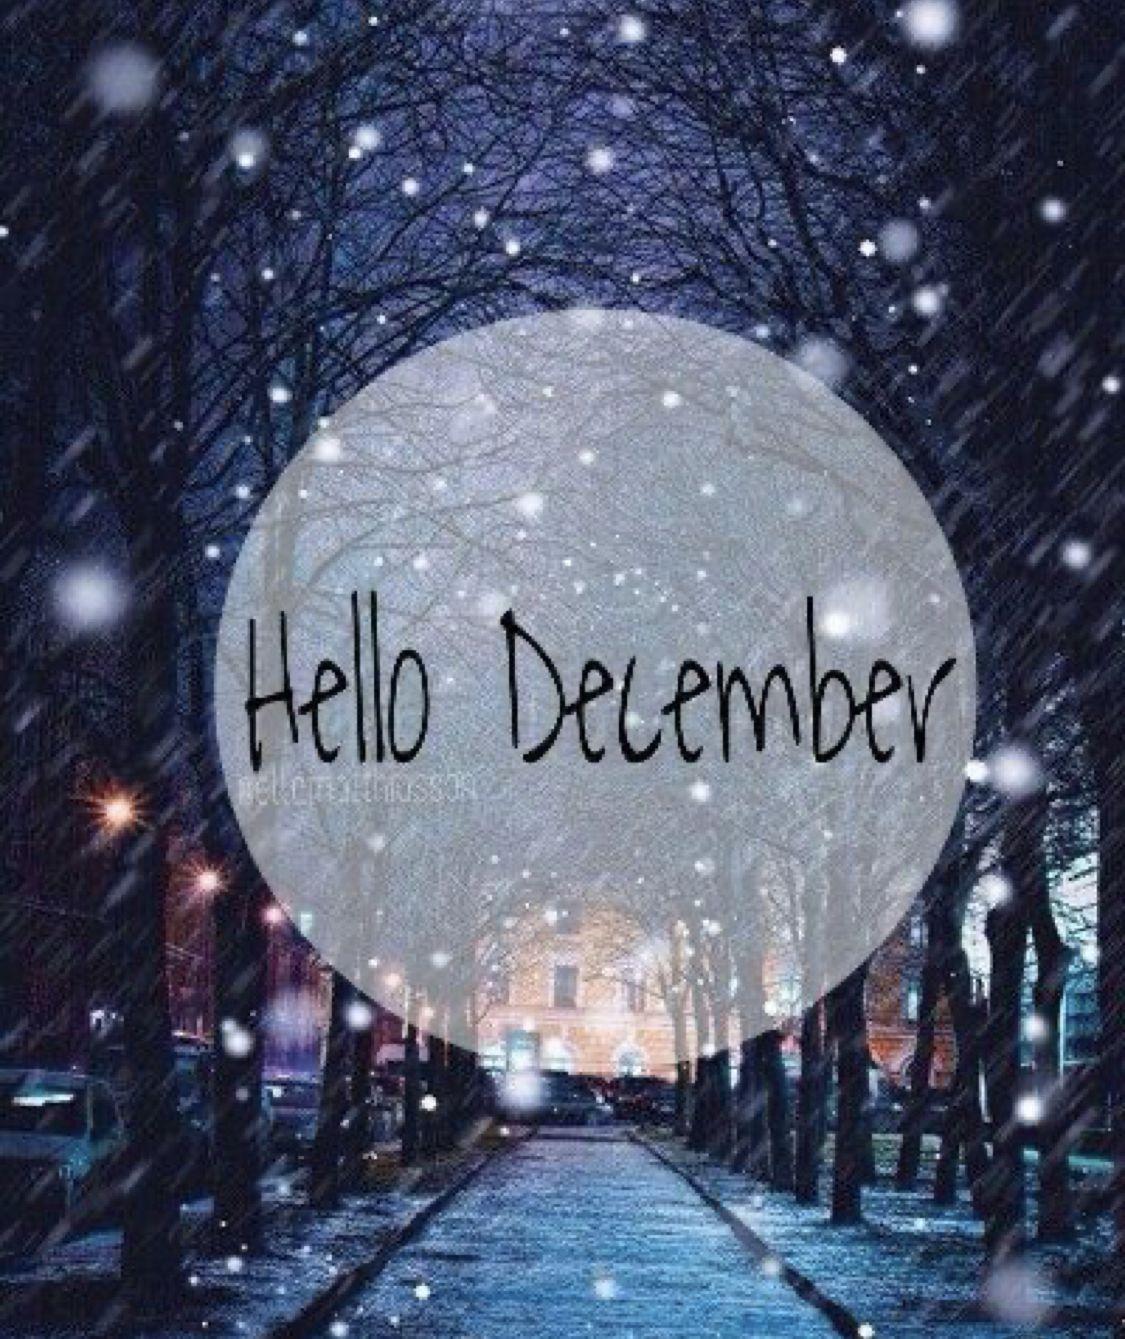 Hello December #decembrefondecran